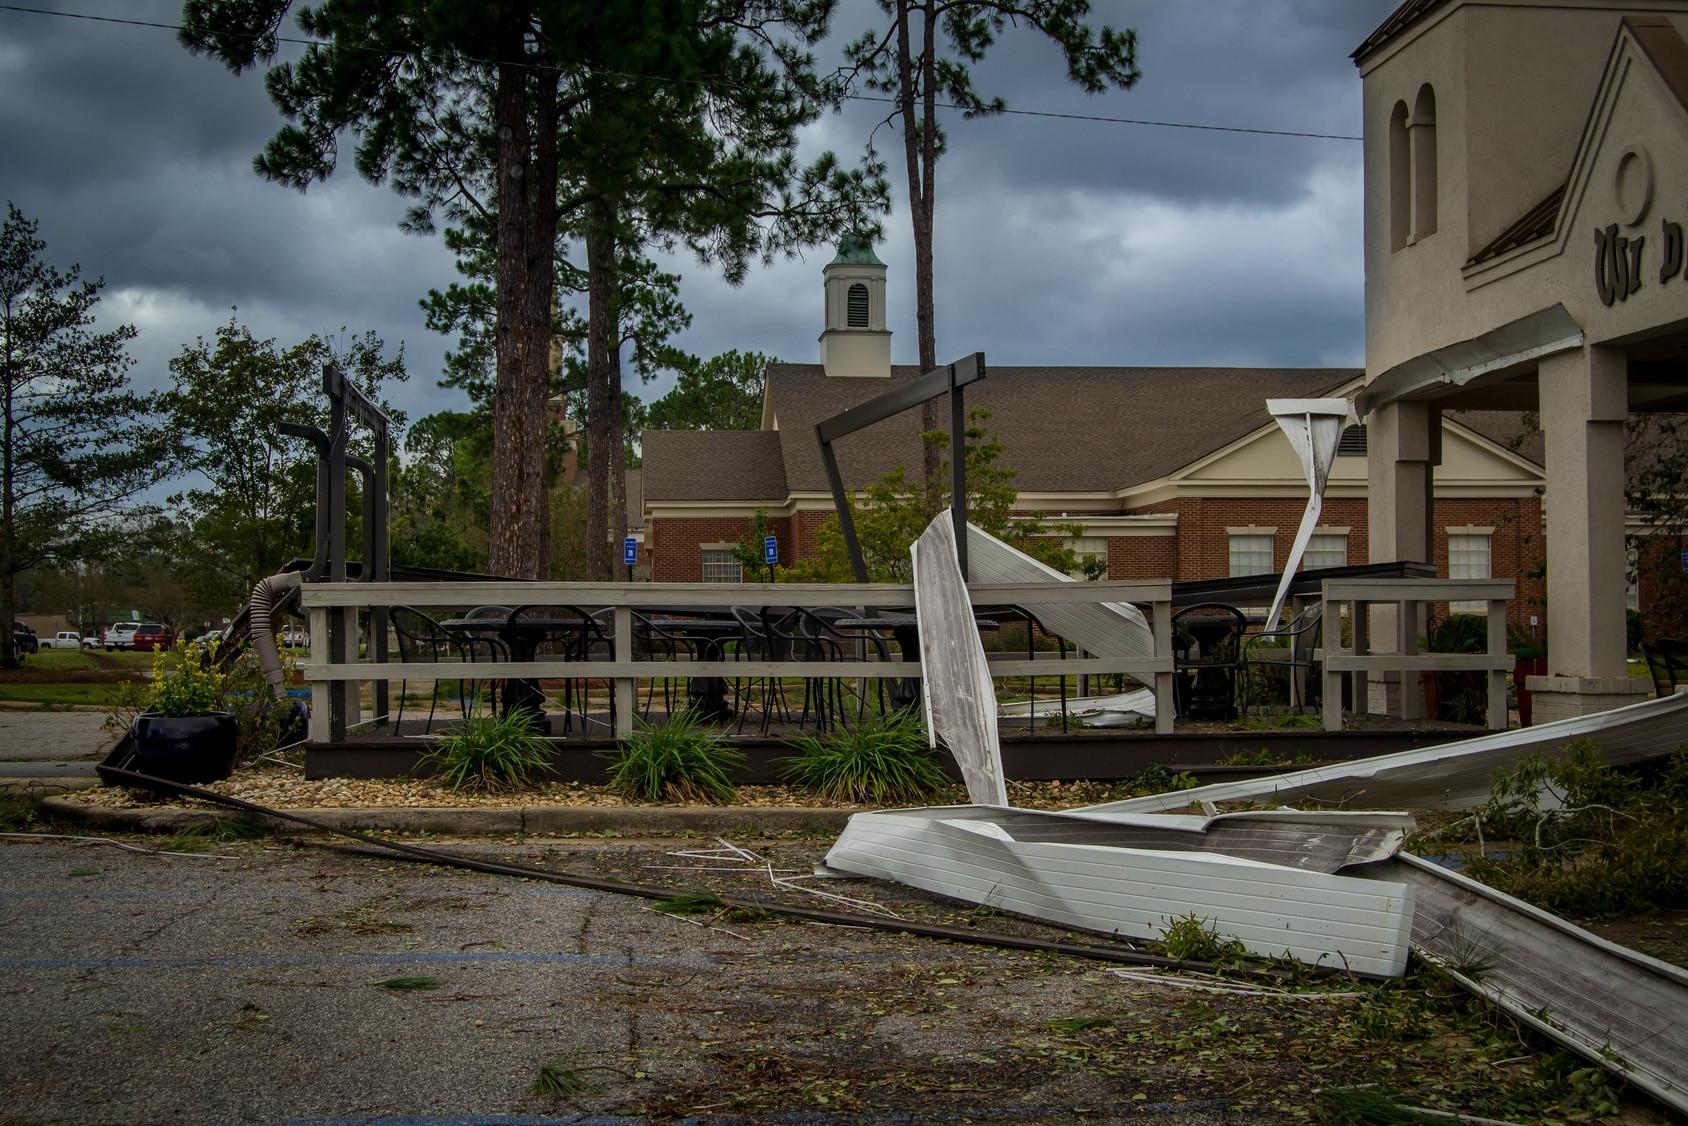 4 Storm Damage Repair Steps Hurricane Damage Hail Damage